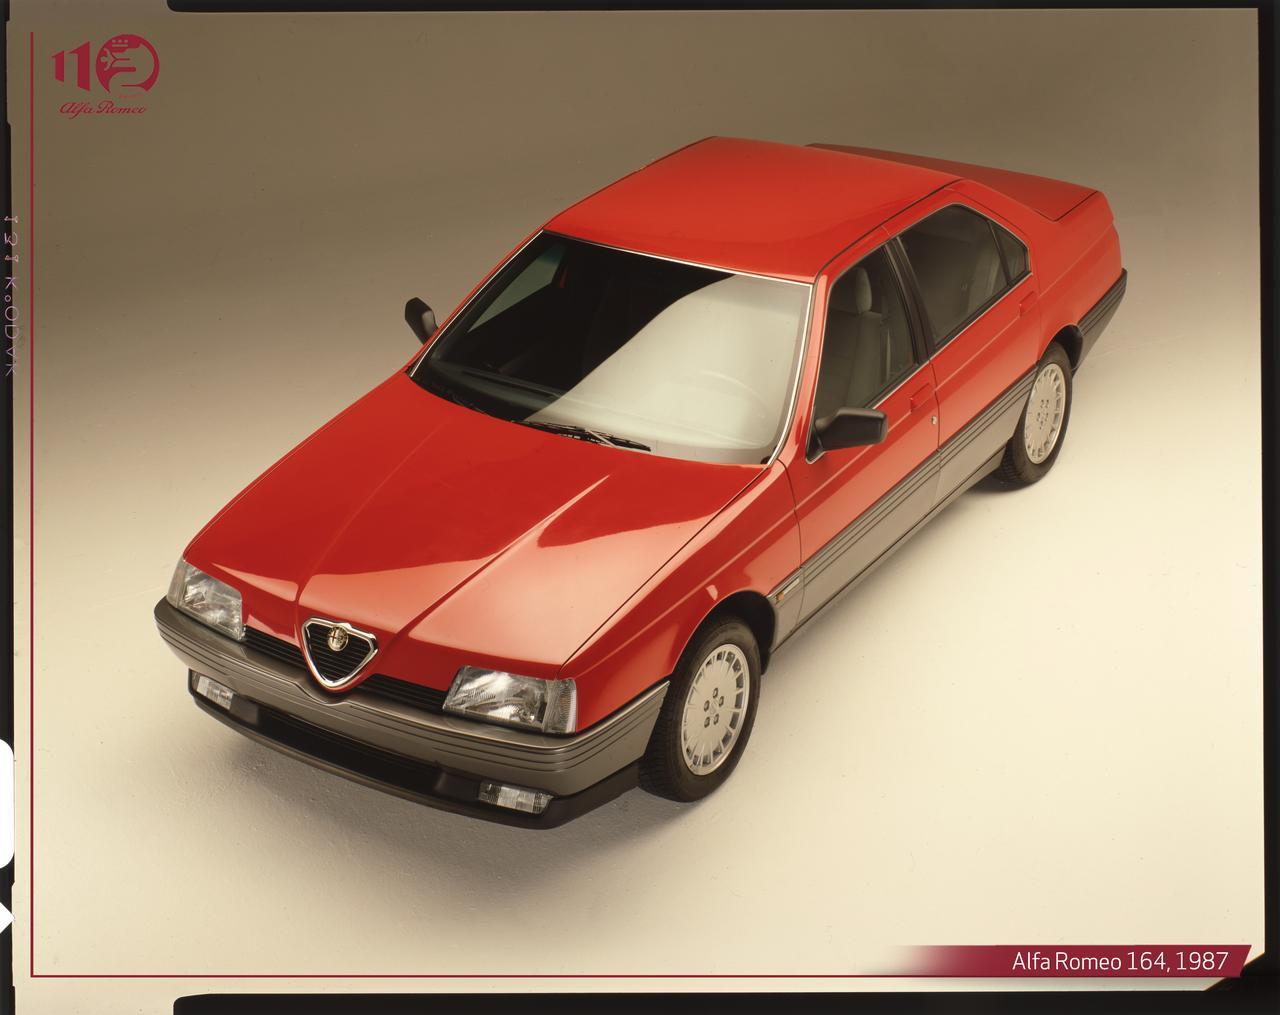 rsz_alfa-romeo-164-1987.jpg